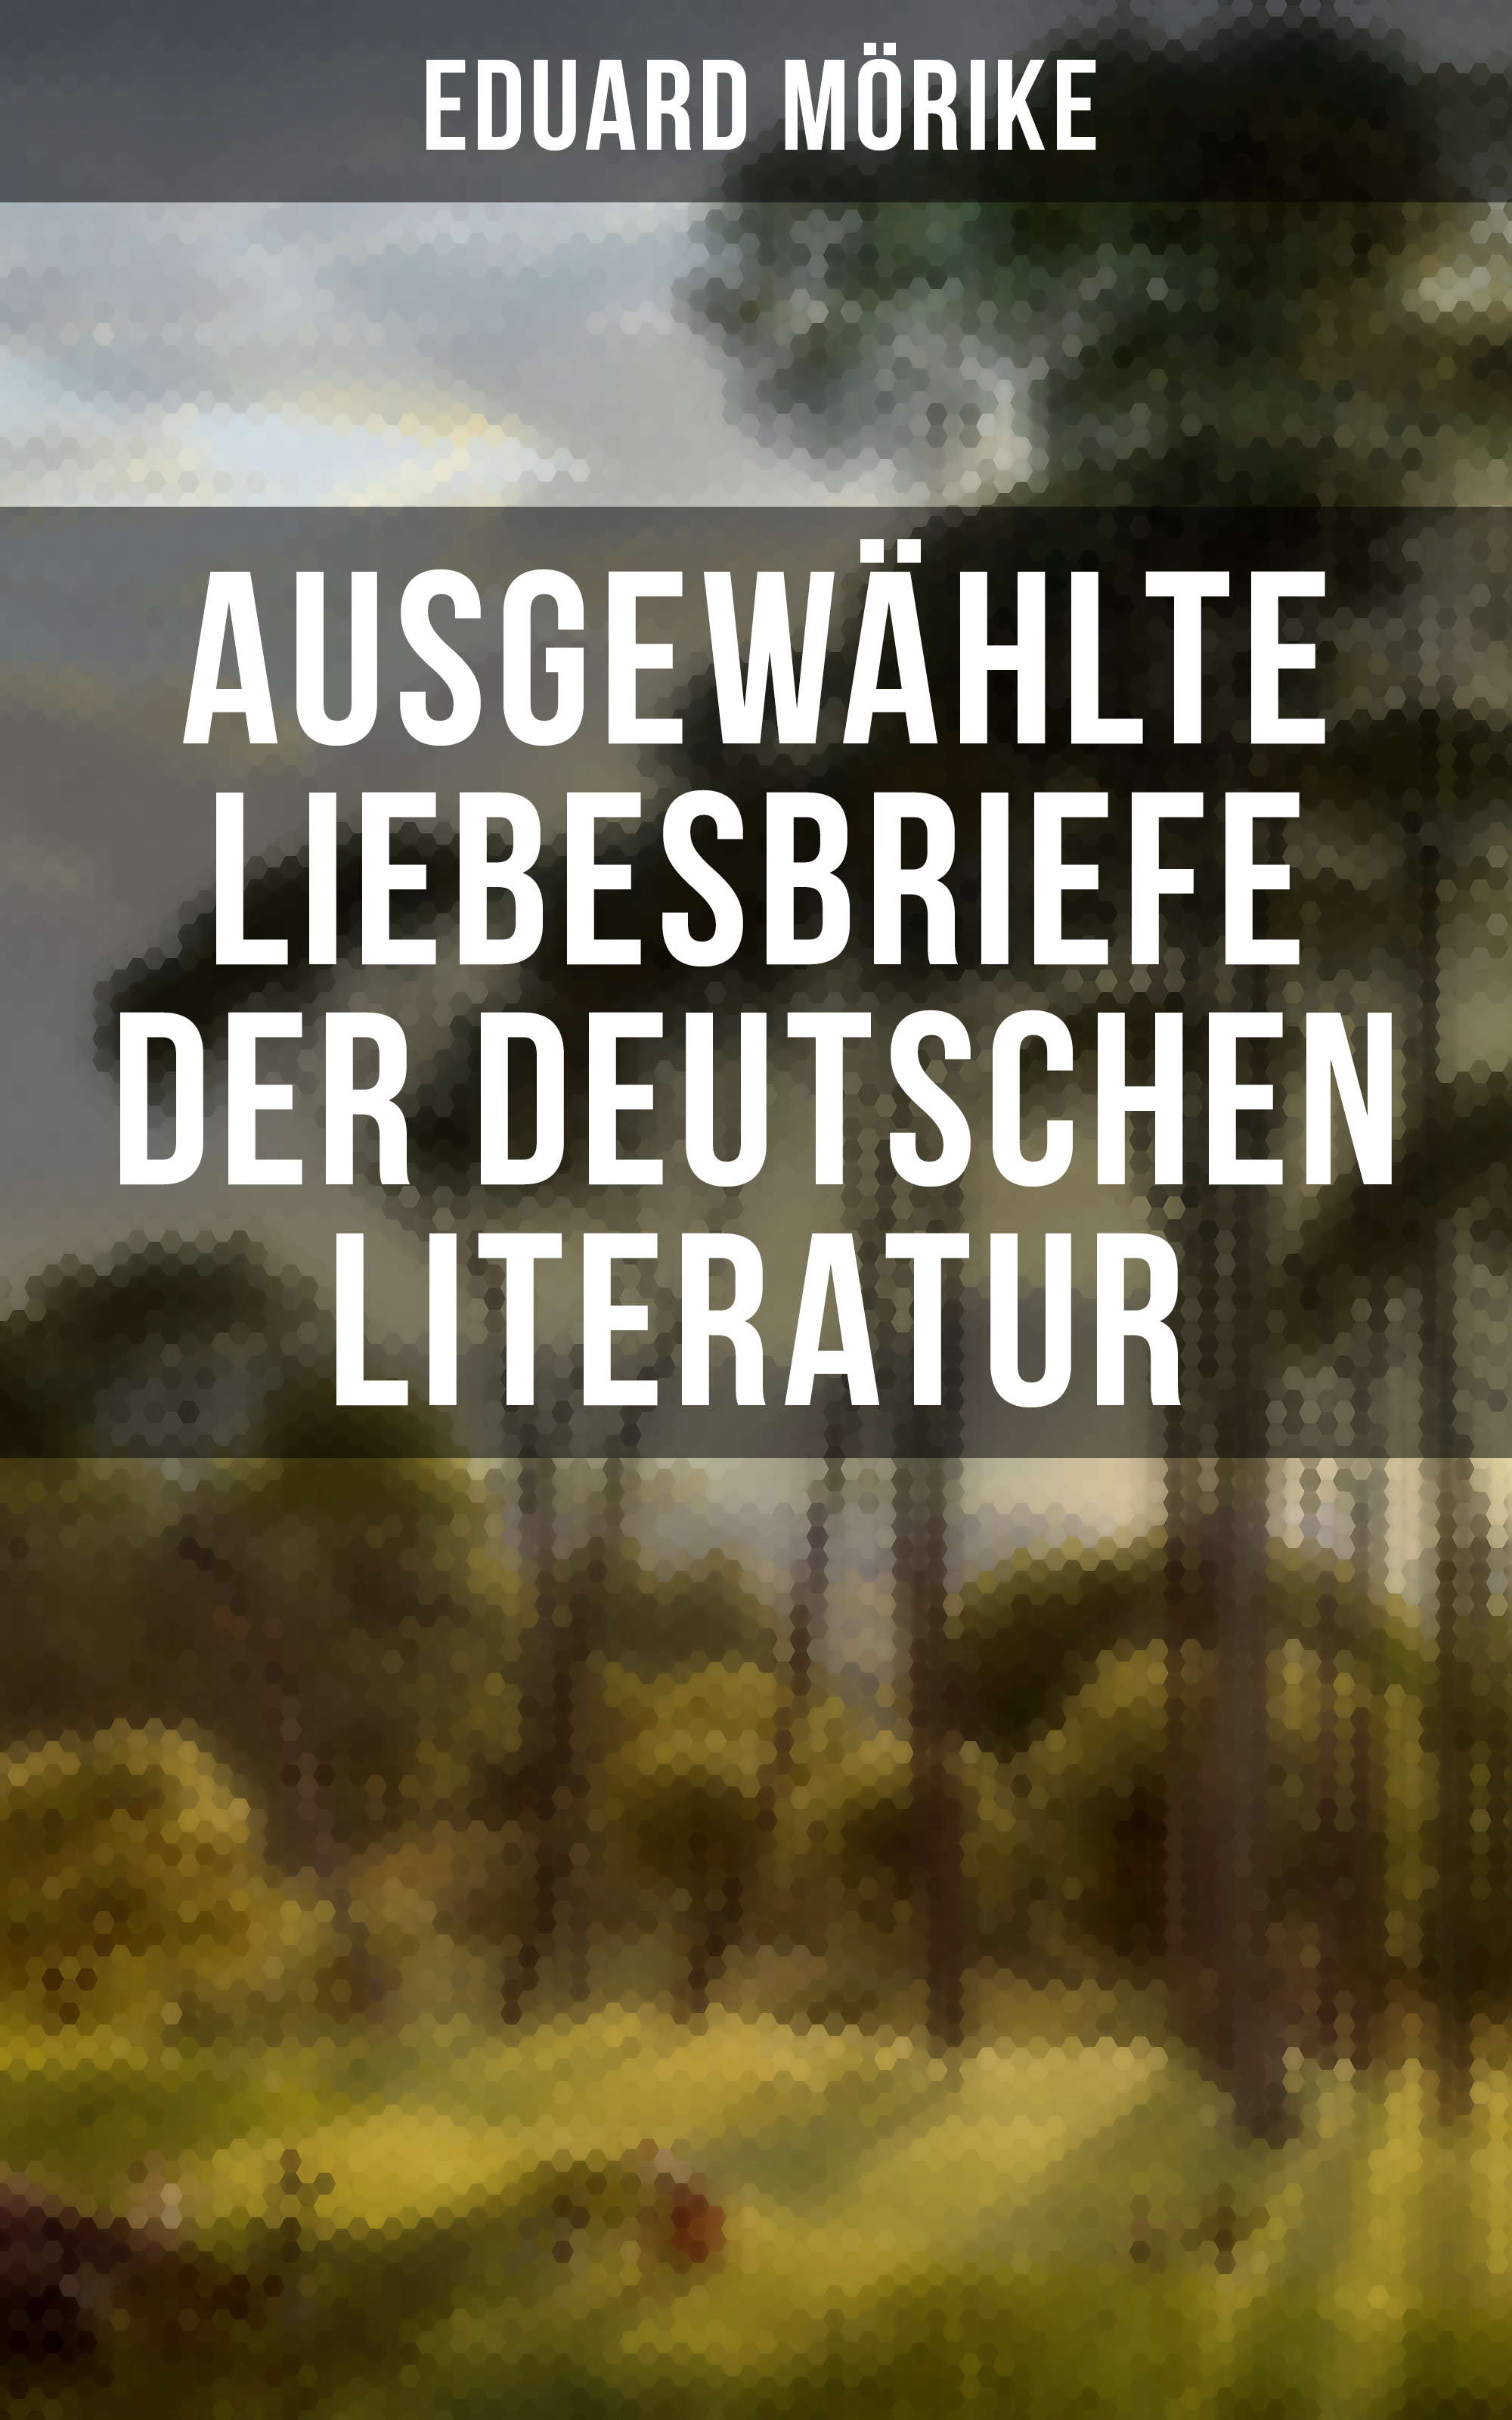 Eduard Morike Ausgewählte Liebesbriefe der deutschen Literatur gersdorf ernst gotthelf repertorium der gesammten deutschen literatur volume 34 german edition